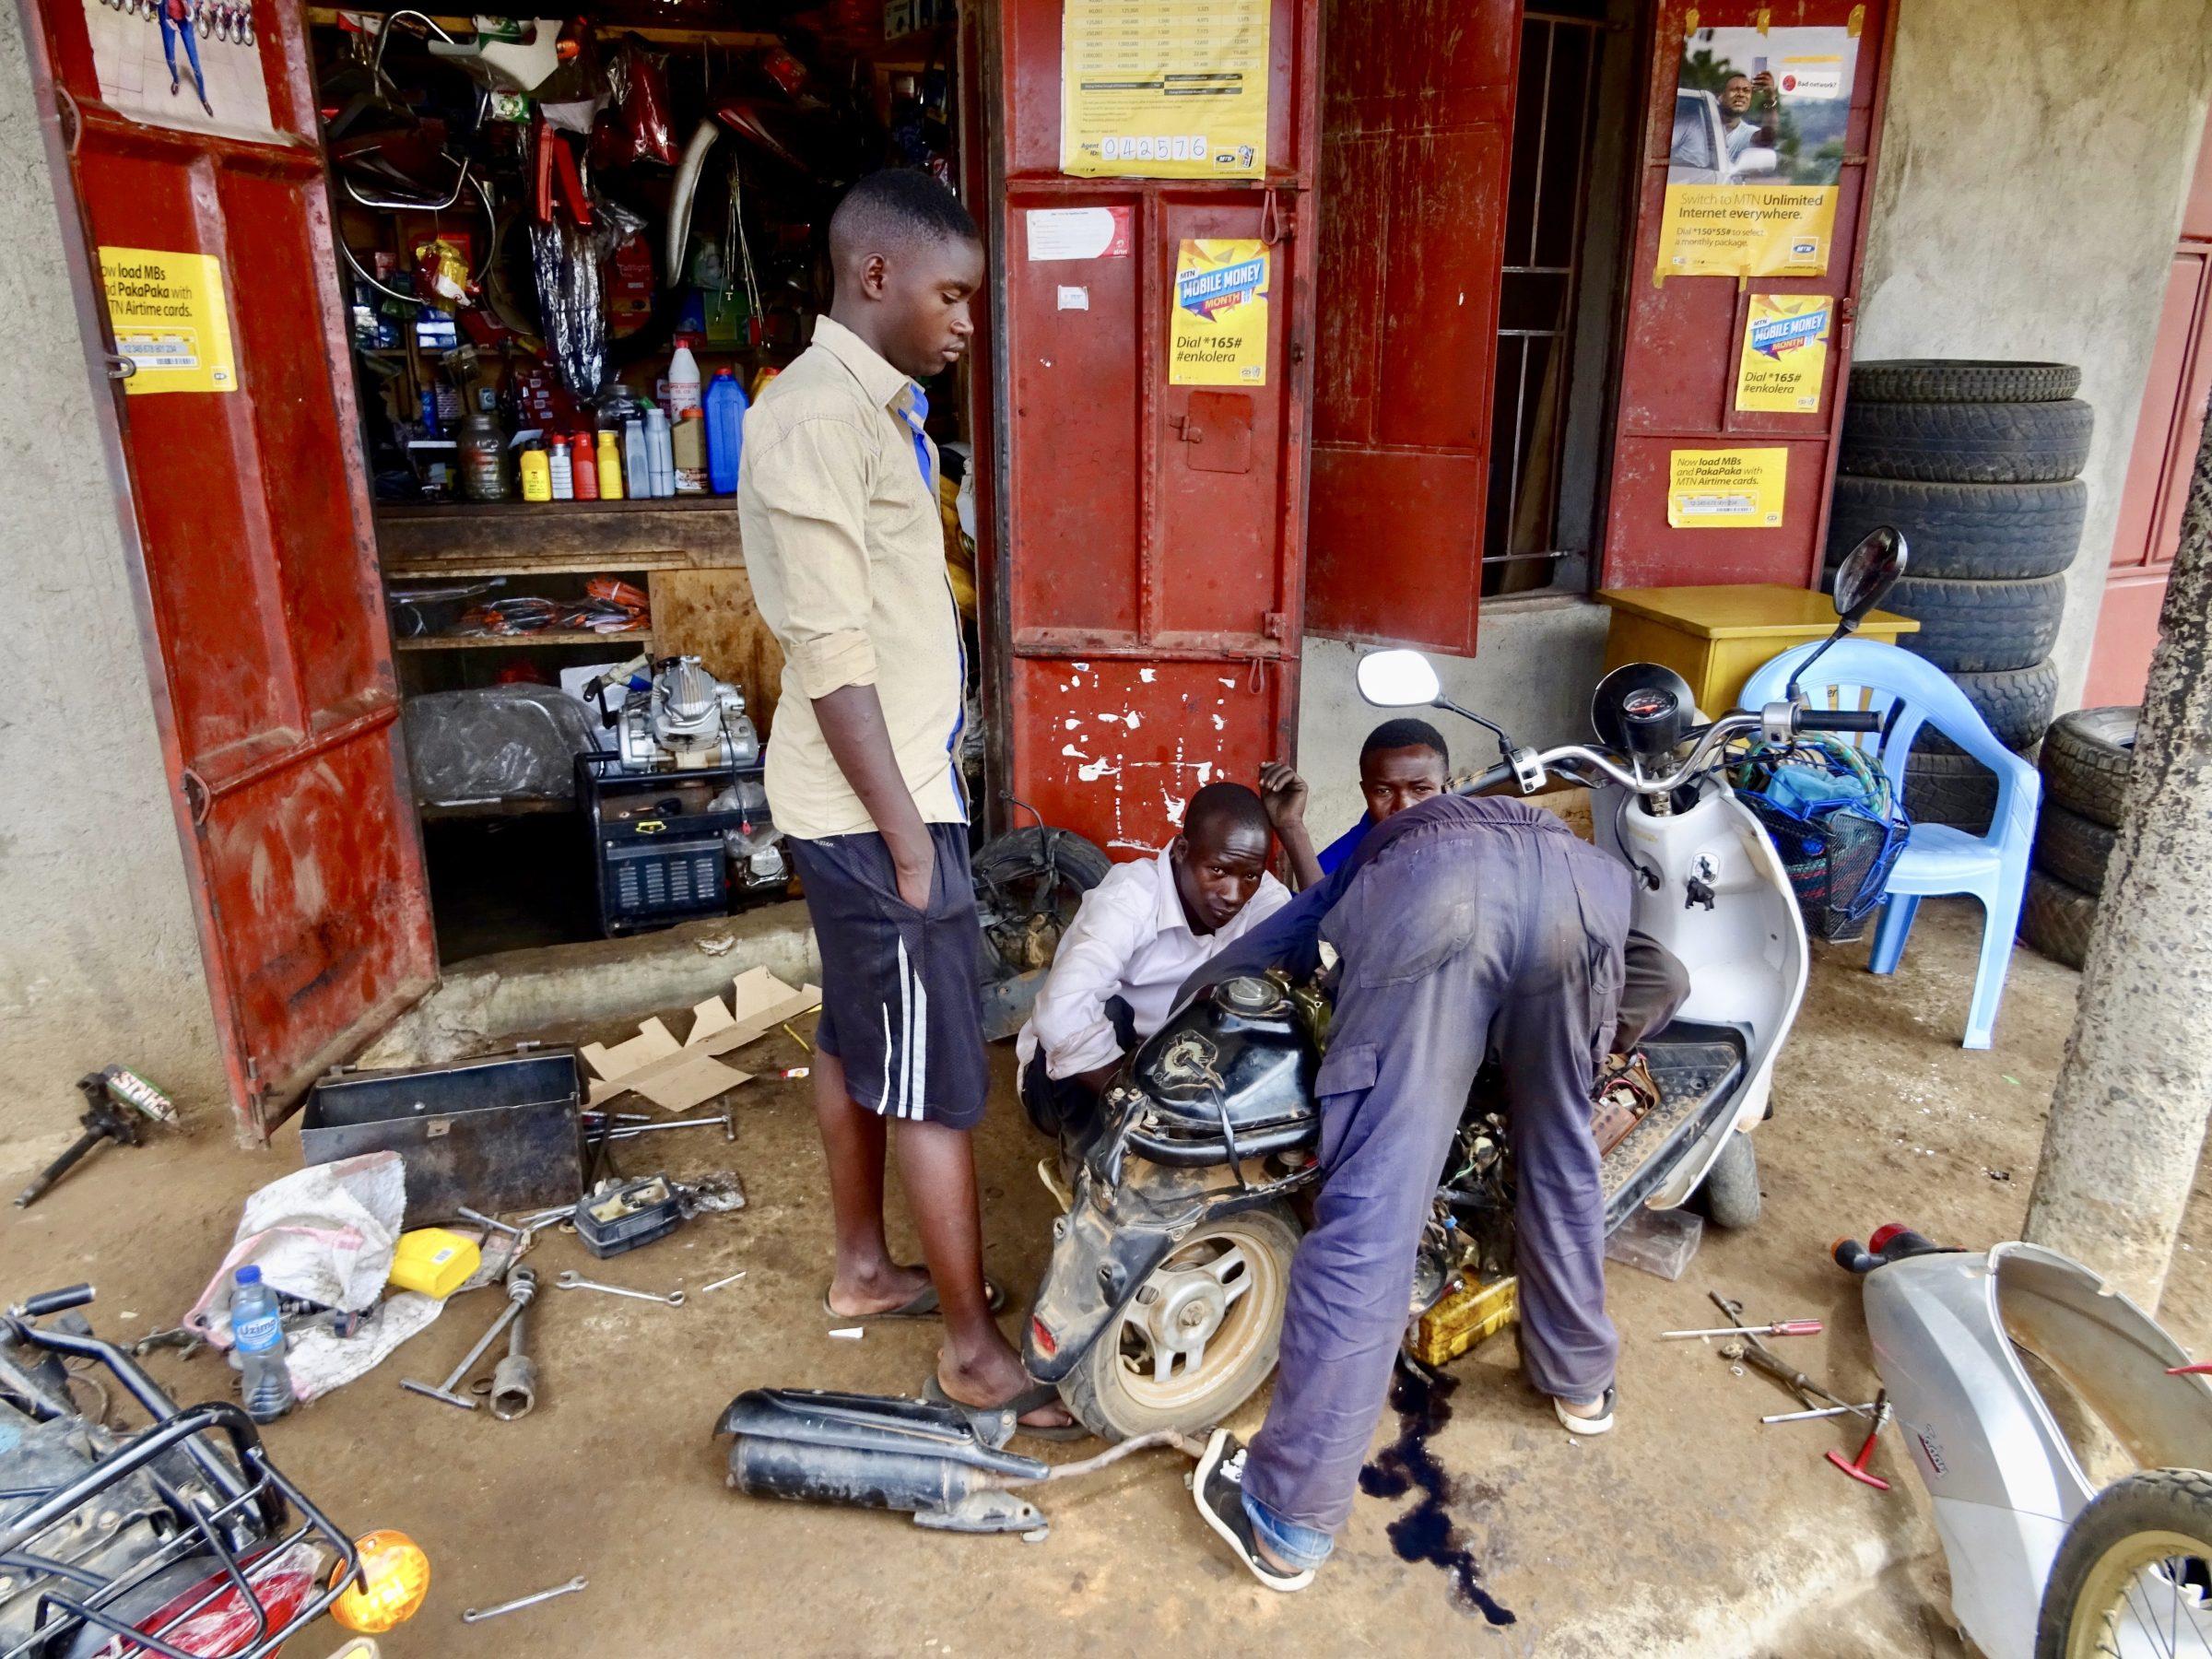 De scooter in reparatie in Moroto